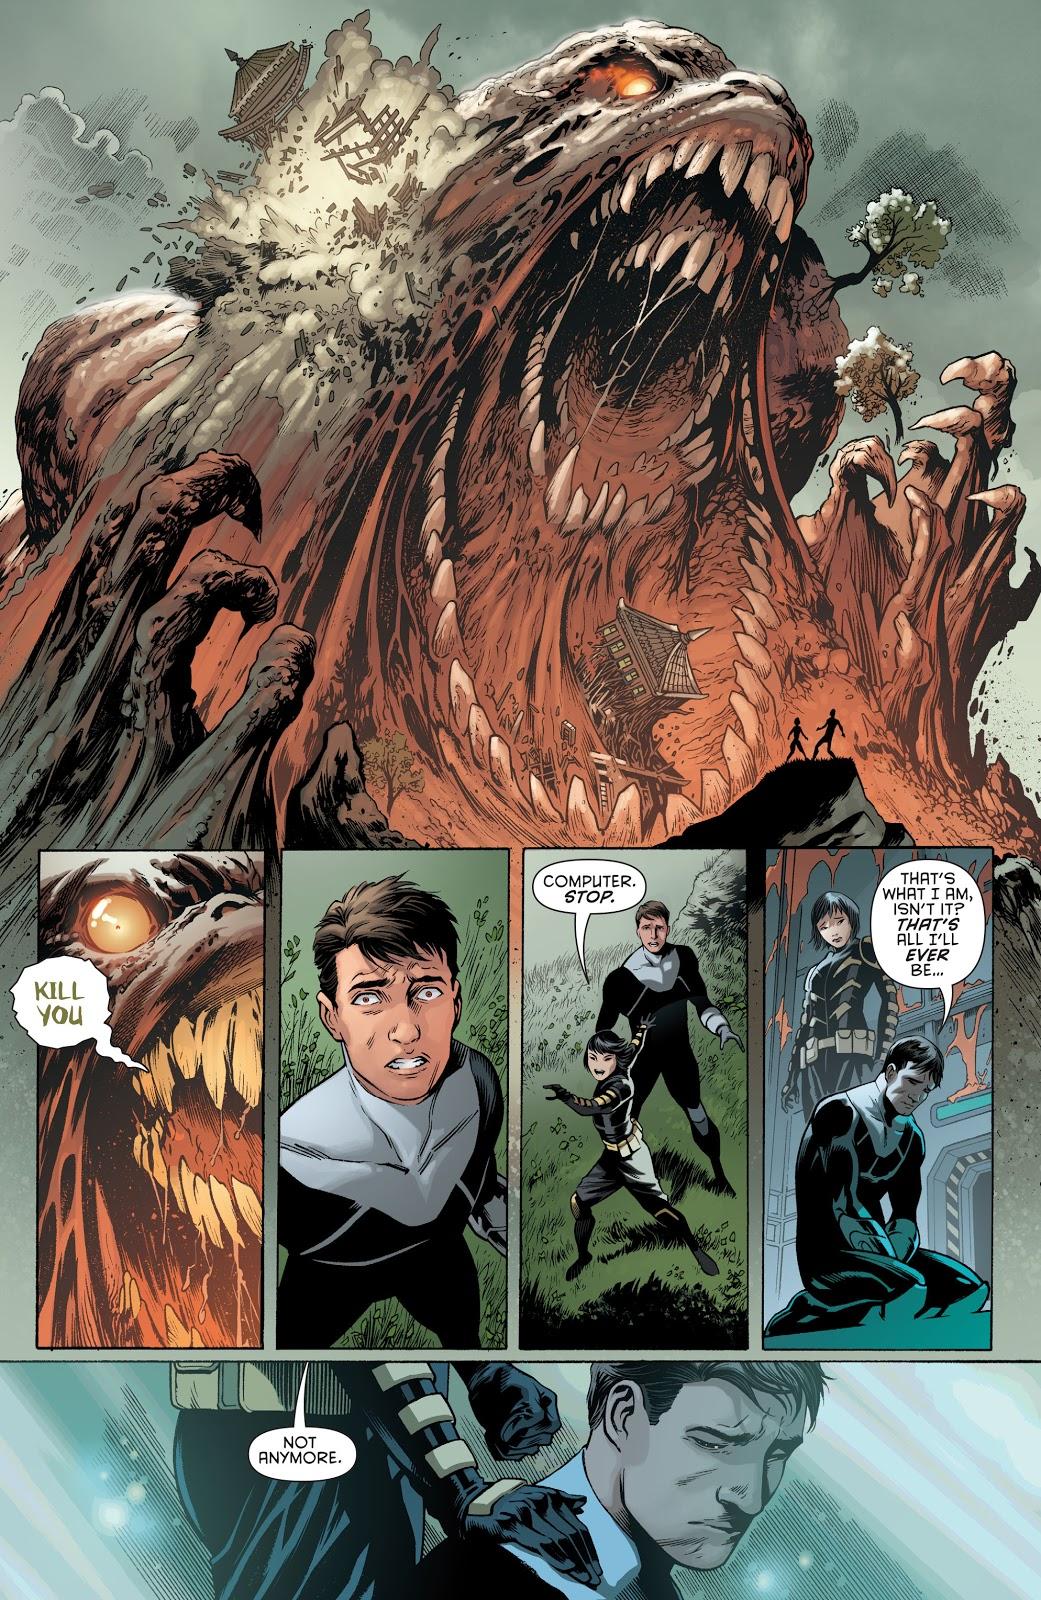 Clayface (Detective Comics Vol. 1 #943)